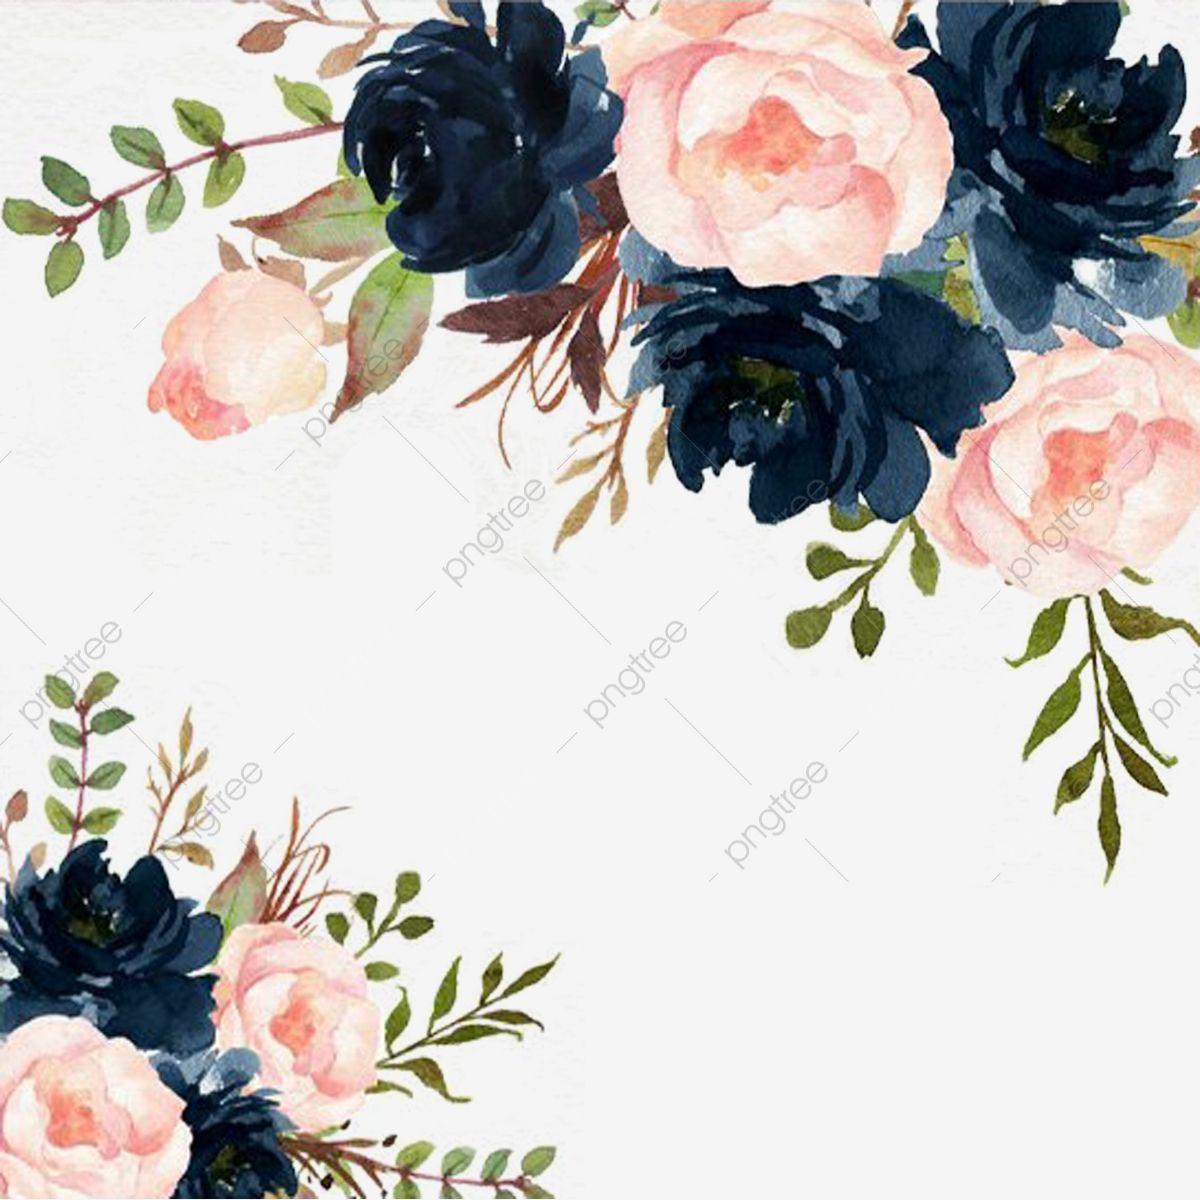 Watercolor Flowers Com Imagens Aquarela Floral Como Fazer